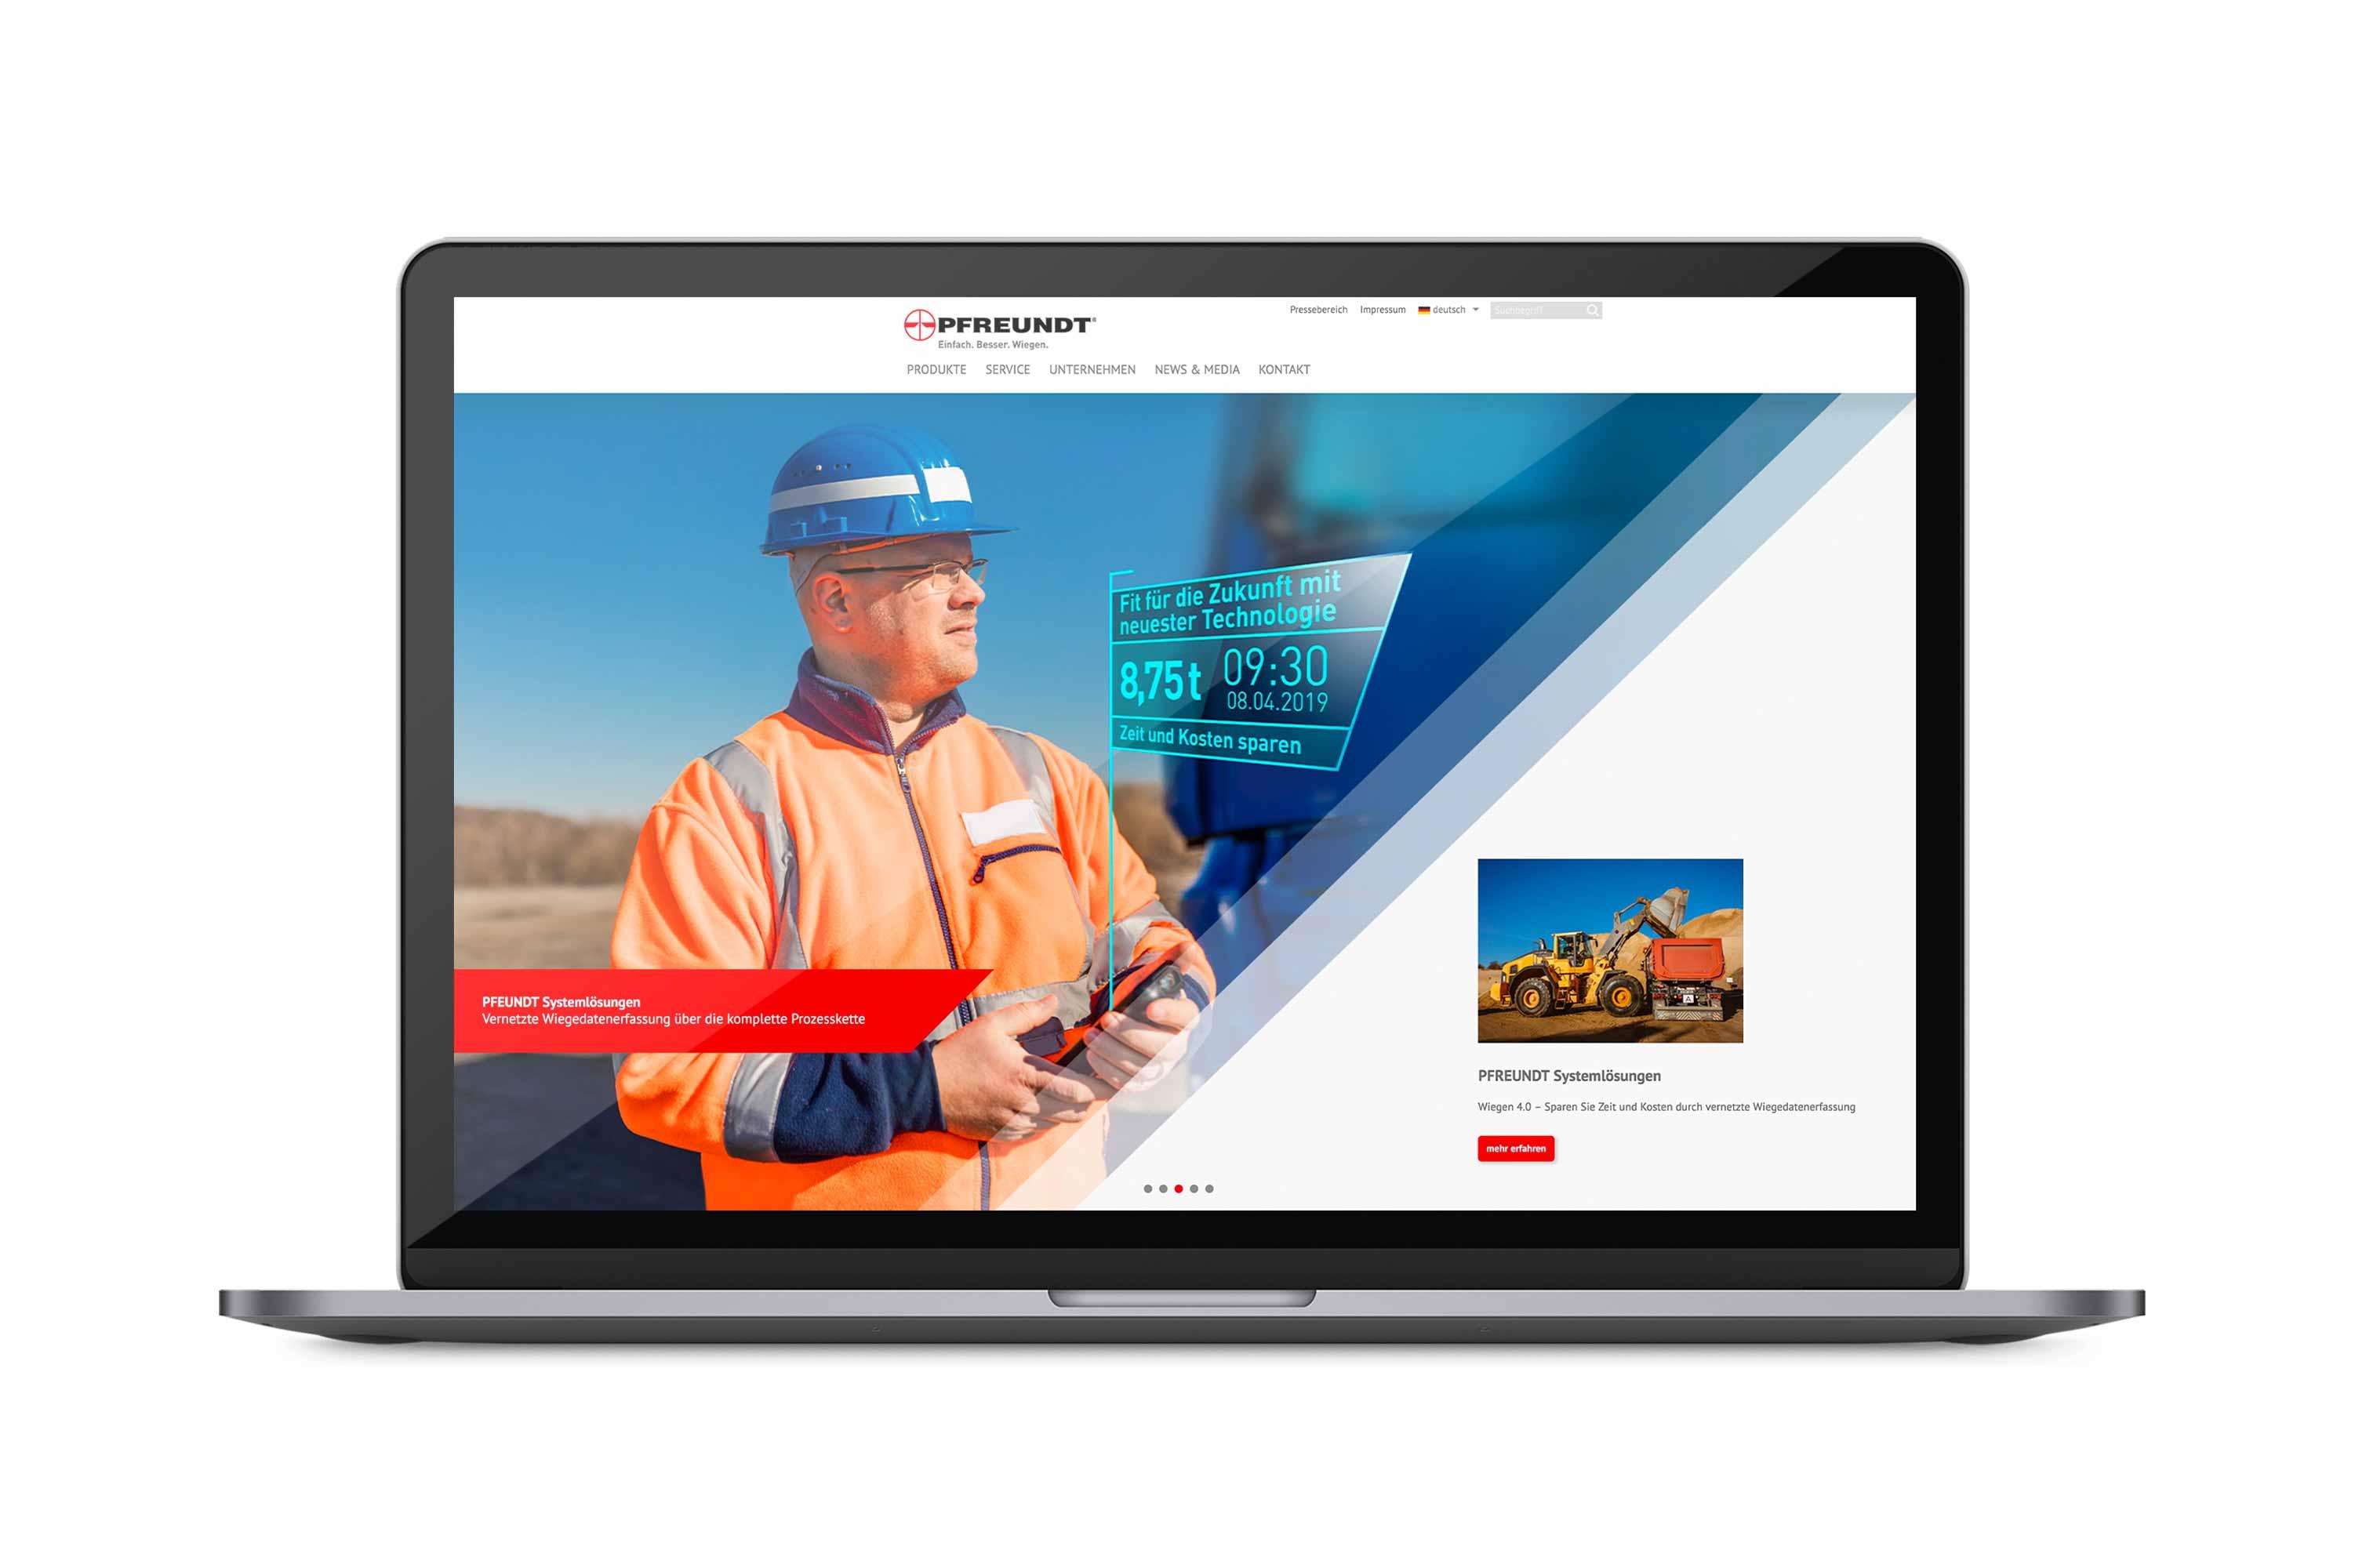 Websiteheader auf Laptop mit PFREUNDT Systemlösungen